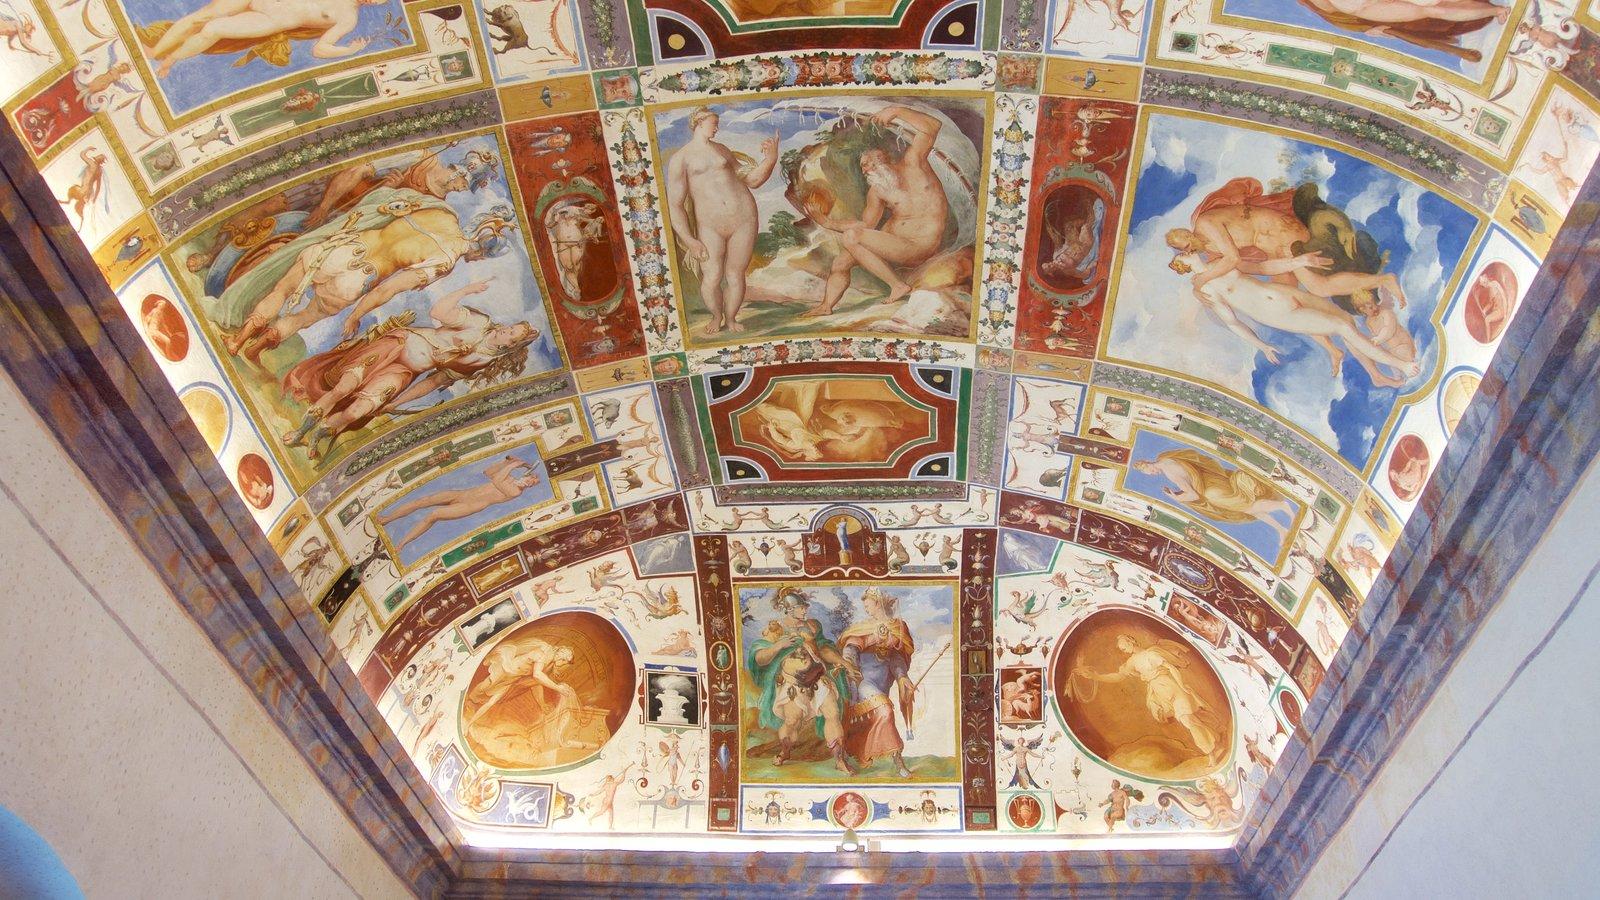 Castiglione del Lago which includes a church or cathedral and interior views